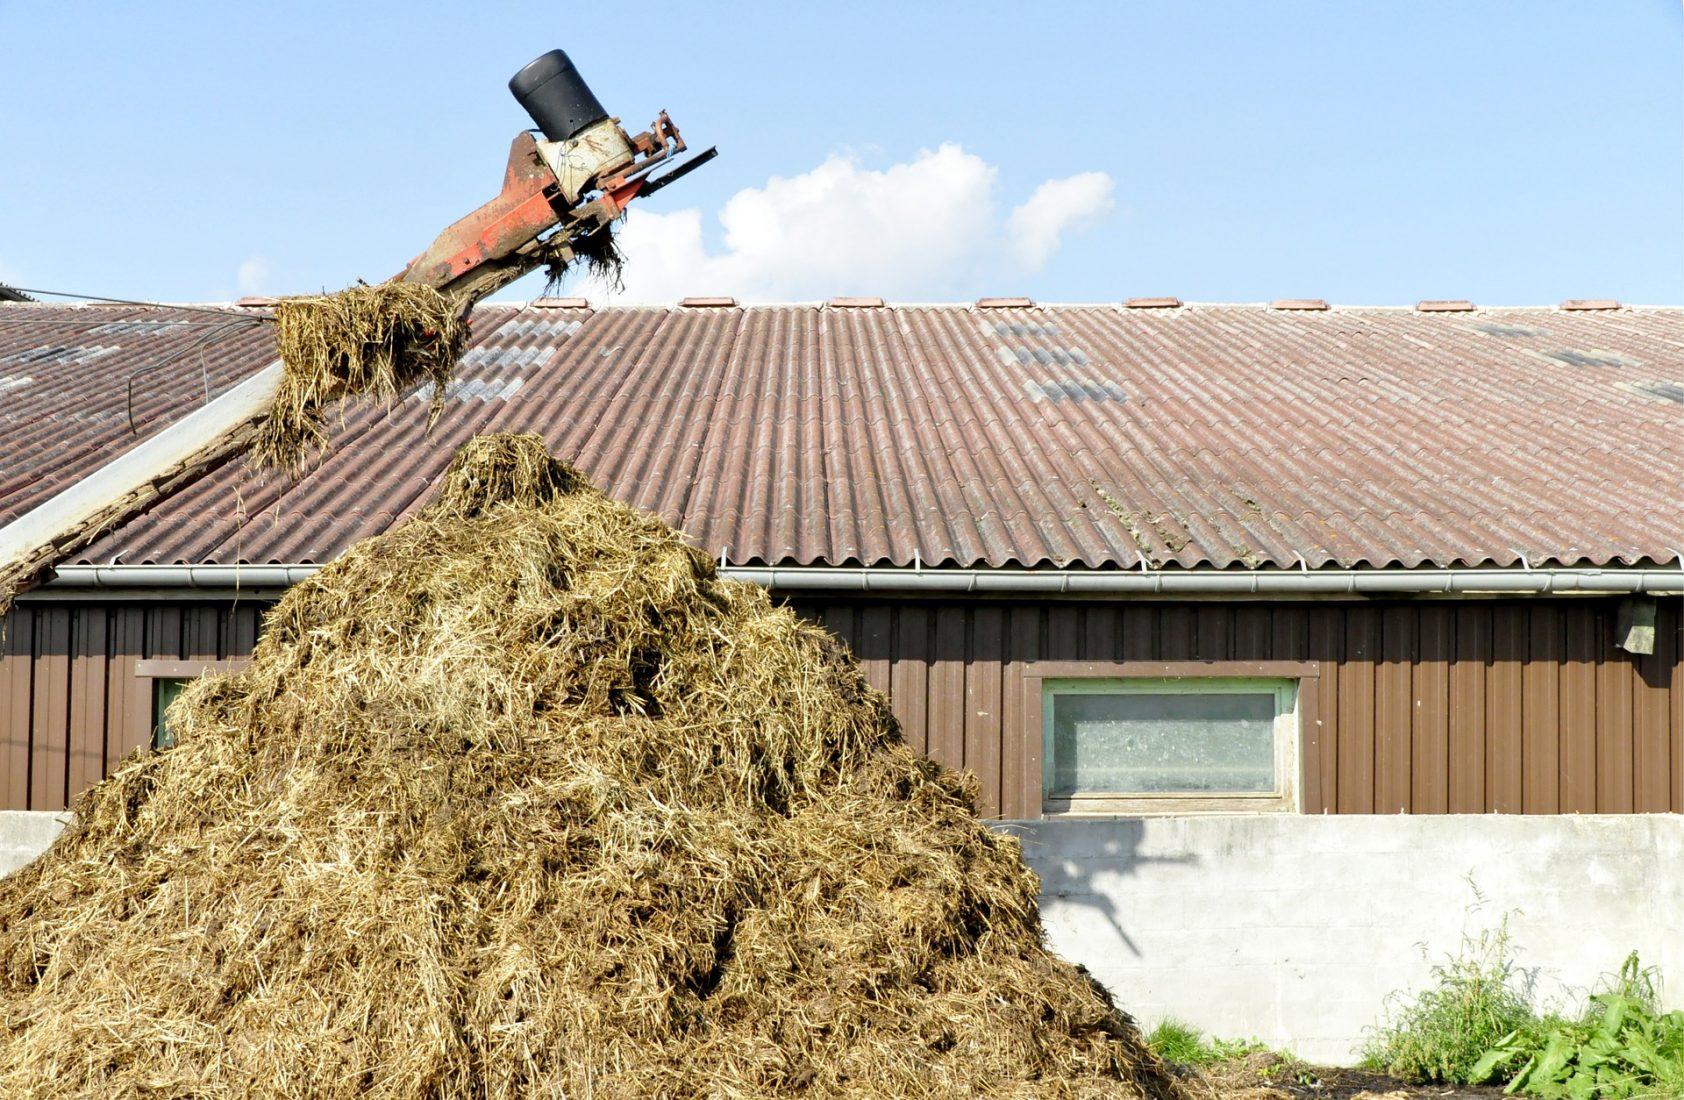 Wellplatten sieht man häufig auf großen Dachflächen in der Landwirtschaft. Foto: Pixabay